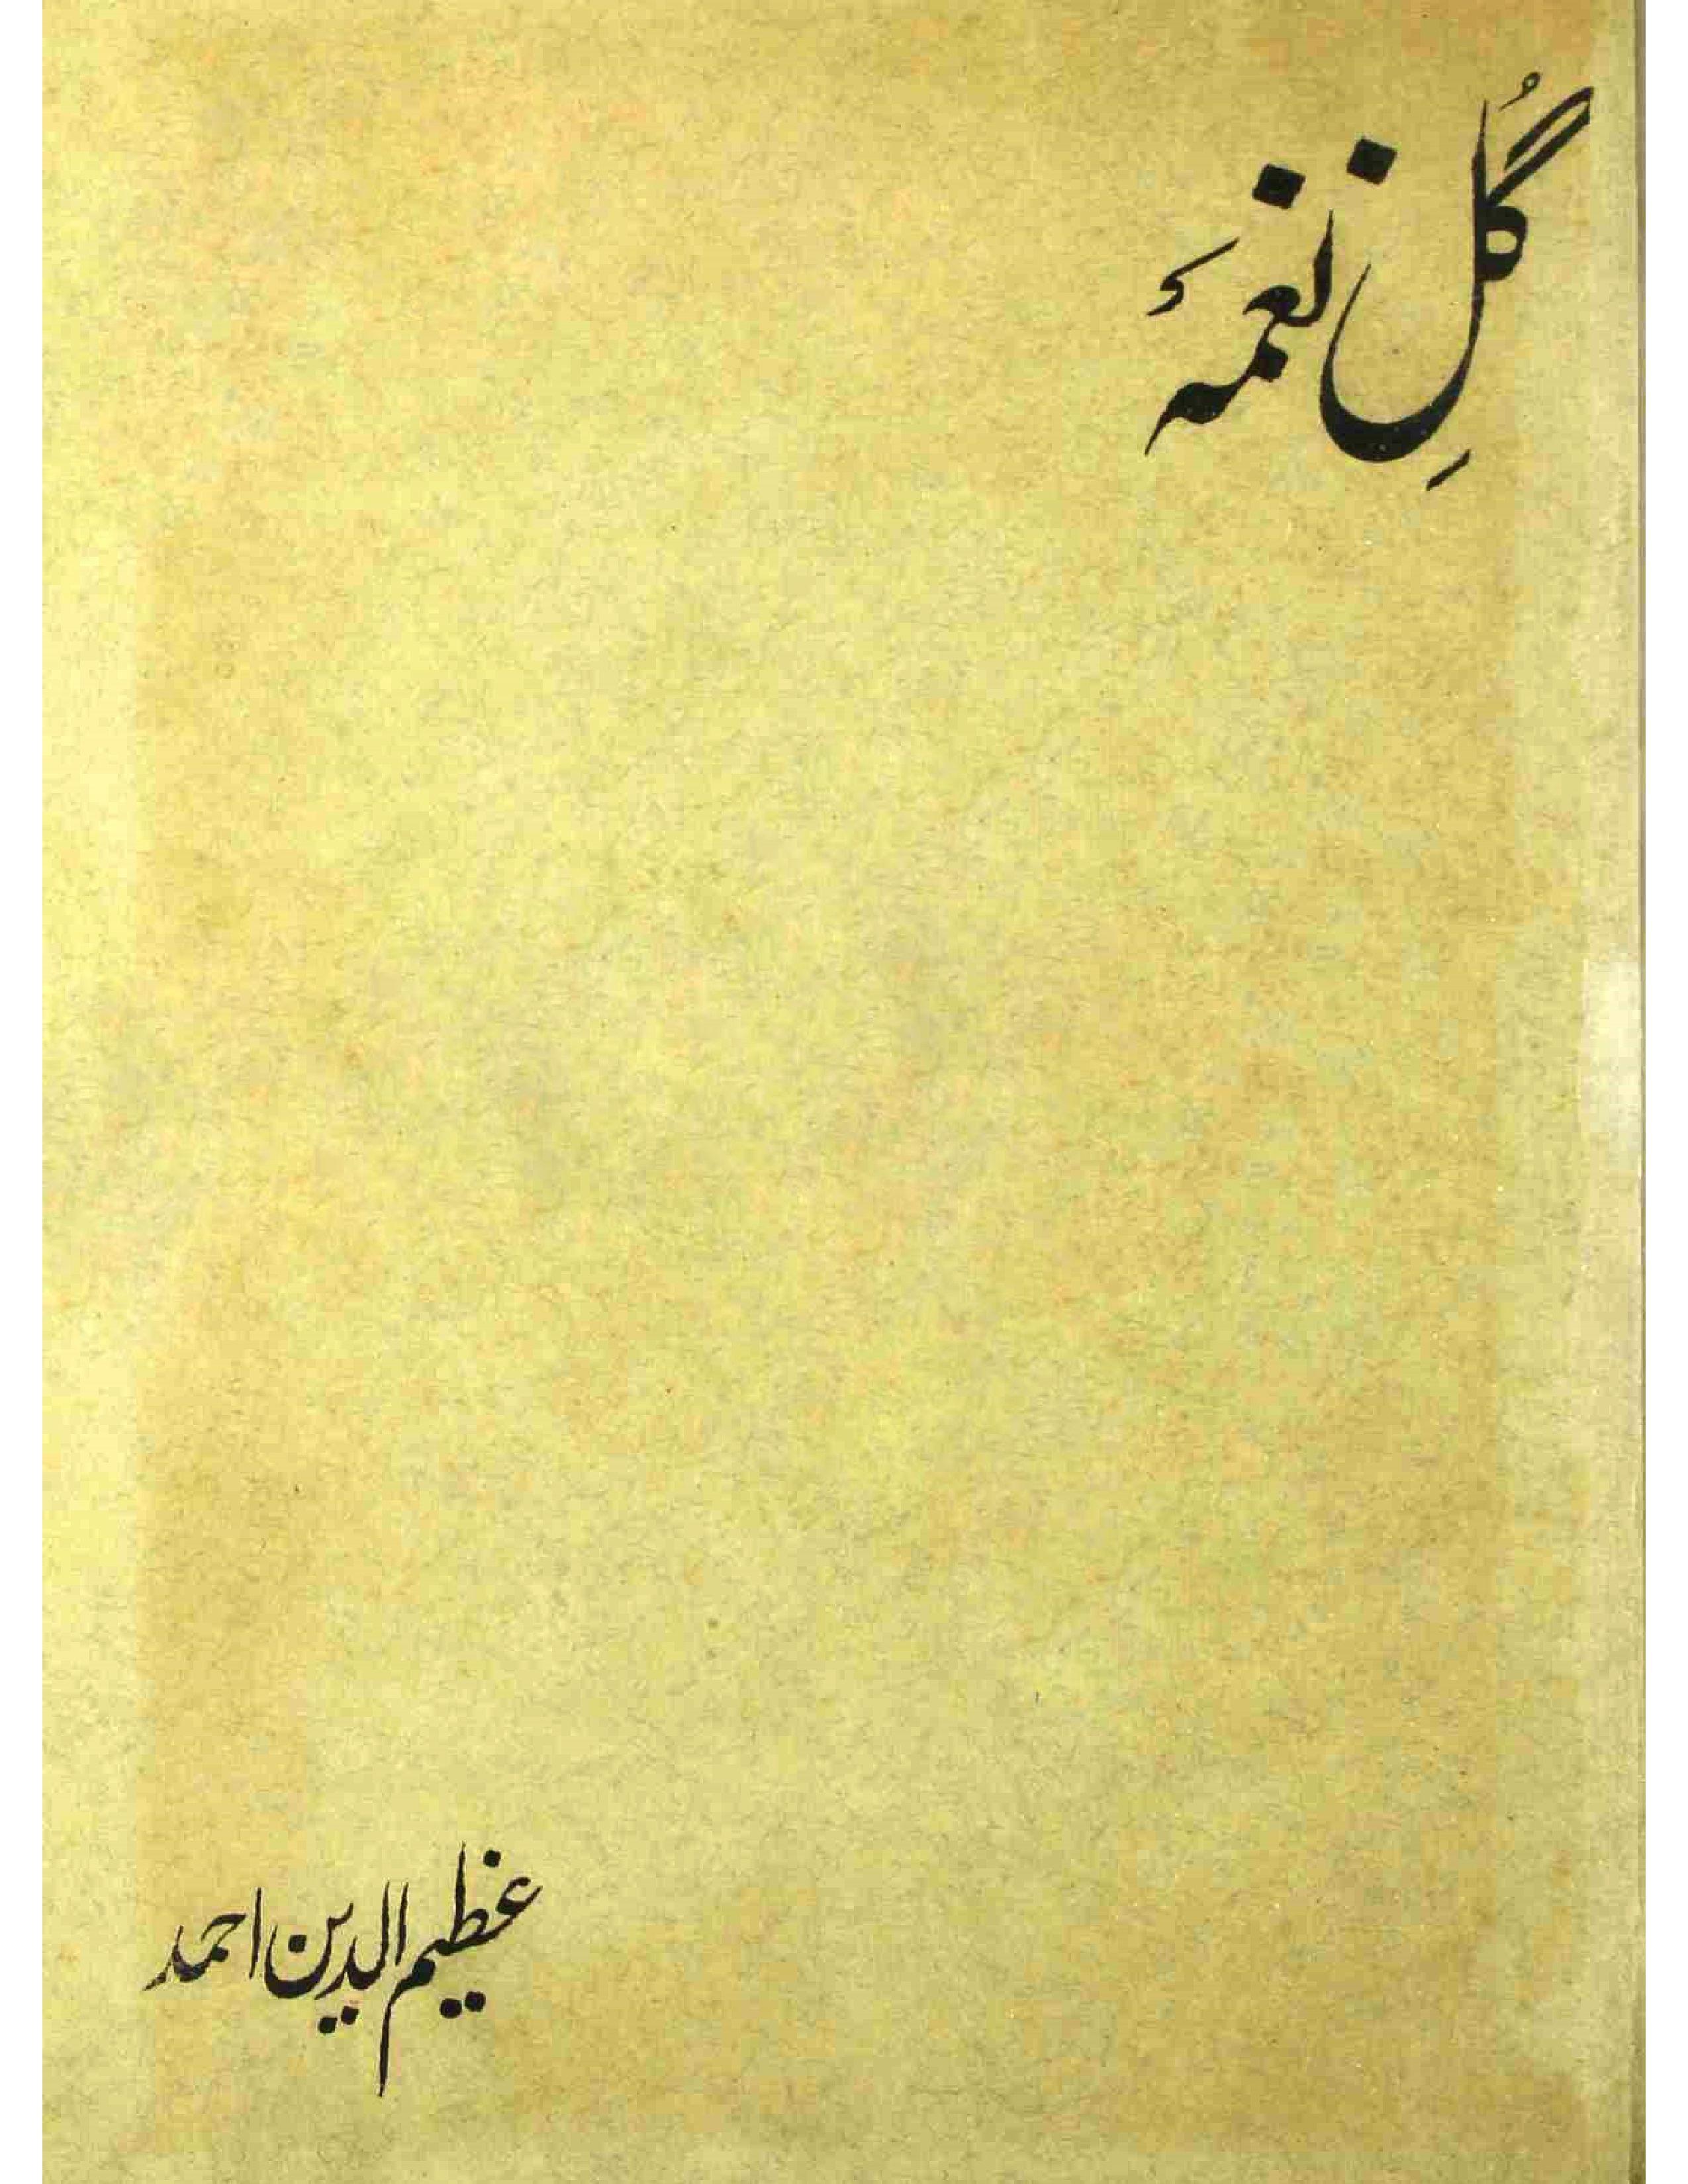 Gul-e-Naghma